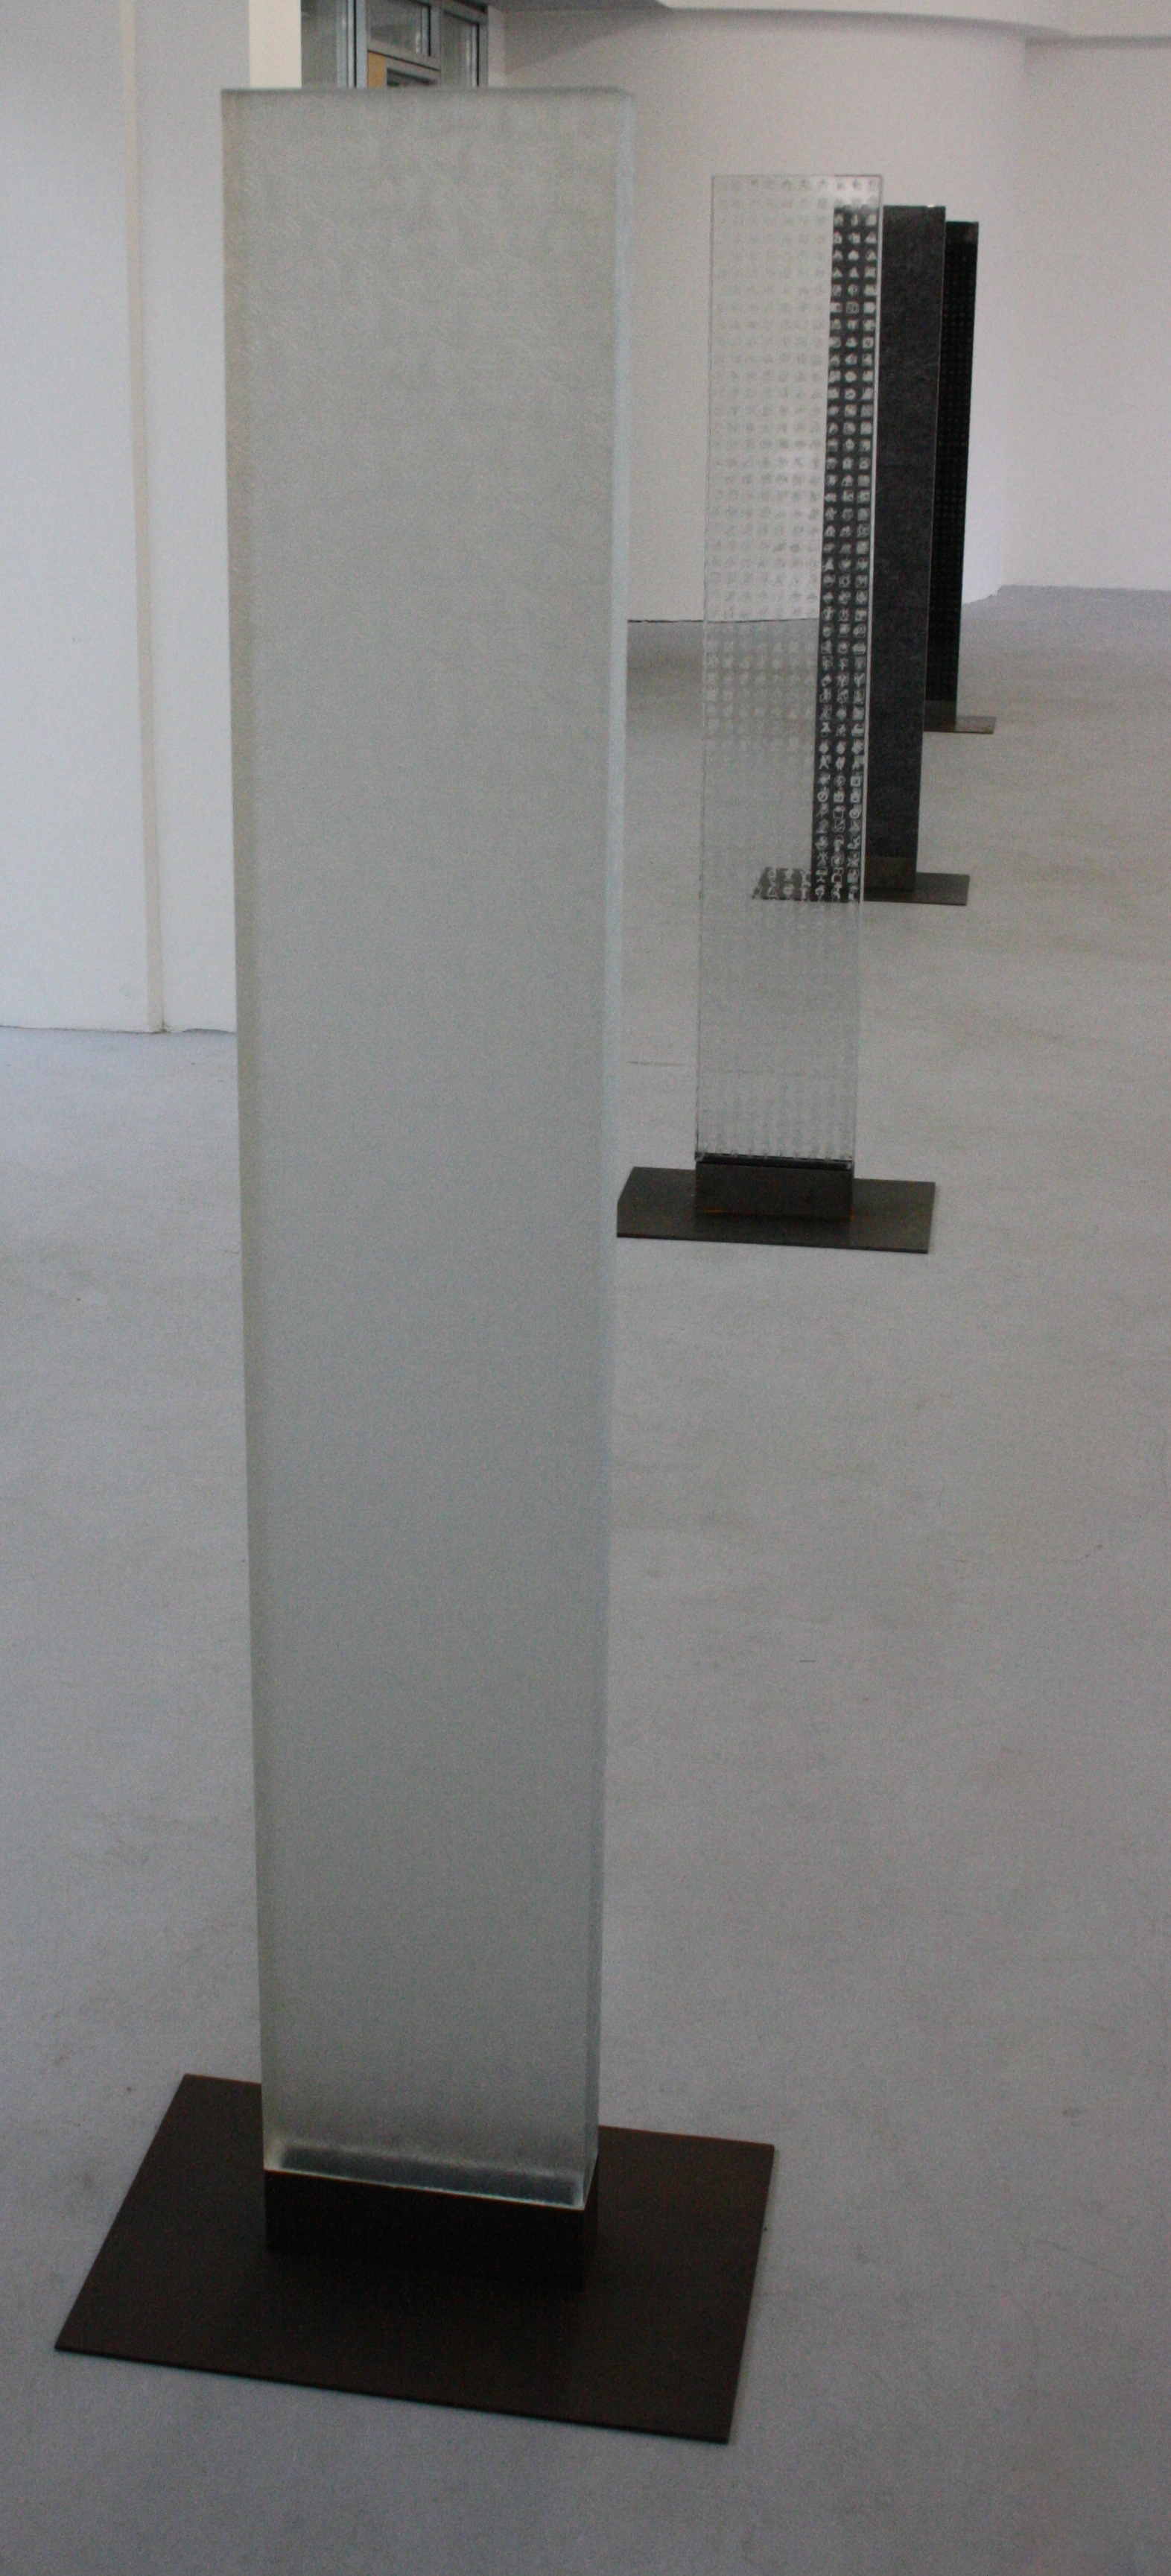 Zdeněk Lhotský, Stéla 4, 2008-2010, sklo, 27 x 157 x 7,5 cm